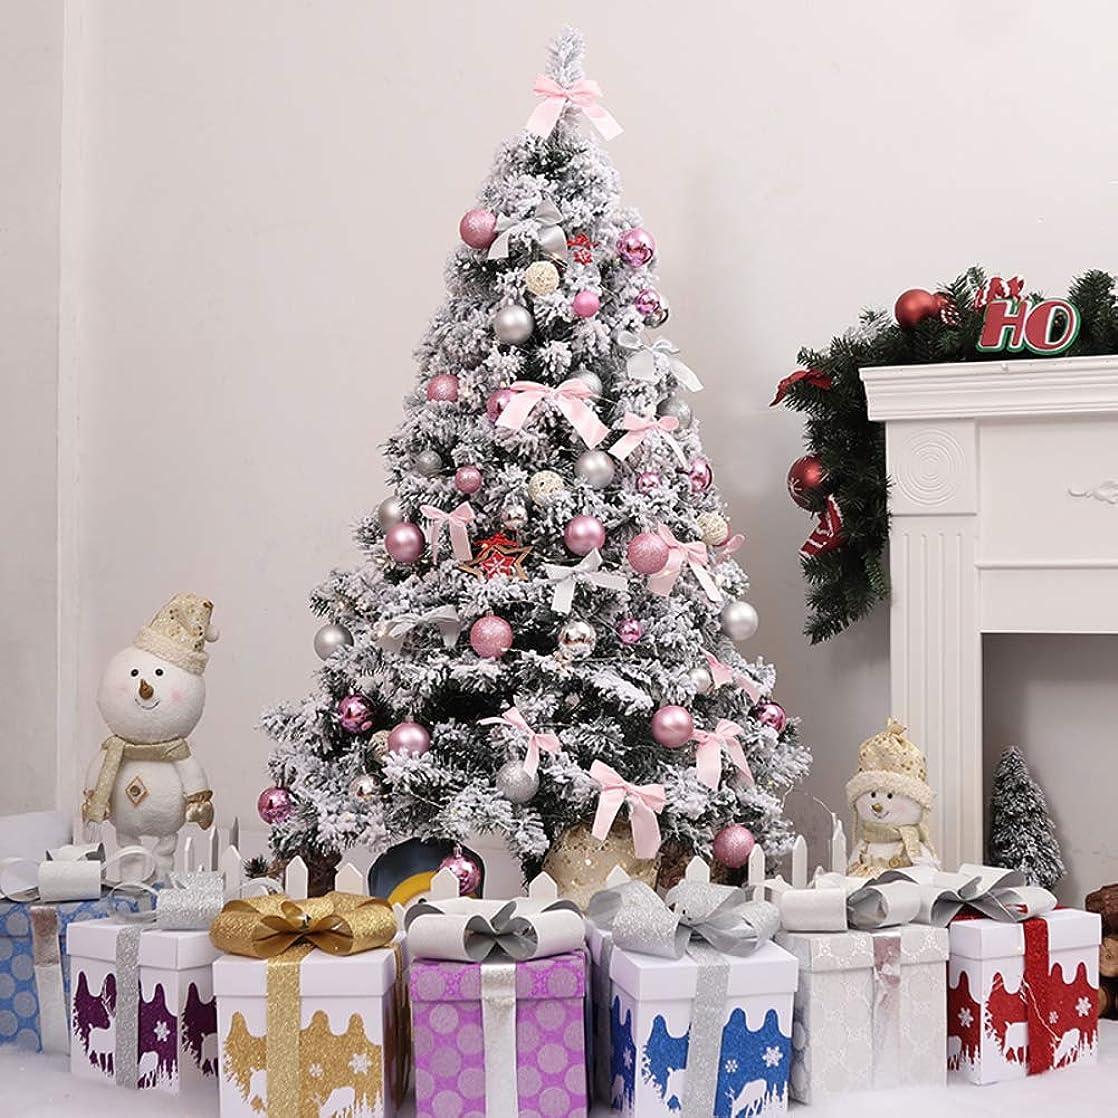 折依存ふりをするKKLTDI 6.8 Ft クリスマスツリー あり 雪 効果, プレミアム ヒンジ 暗号化 クリスマスツリー の 屋内 屋外 クリスマスツリー-d 210cm(6.8Ft)